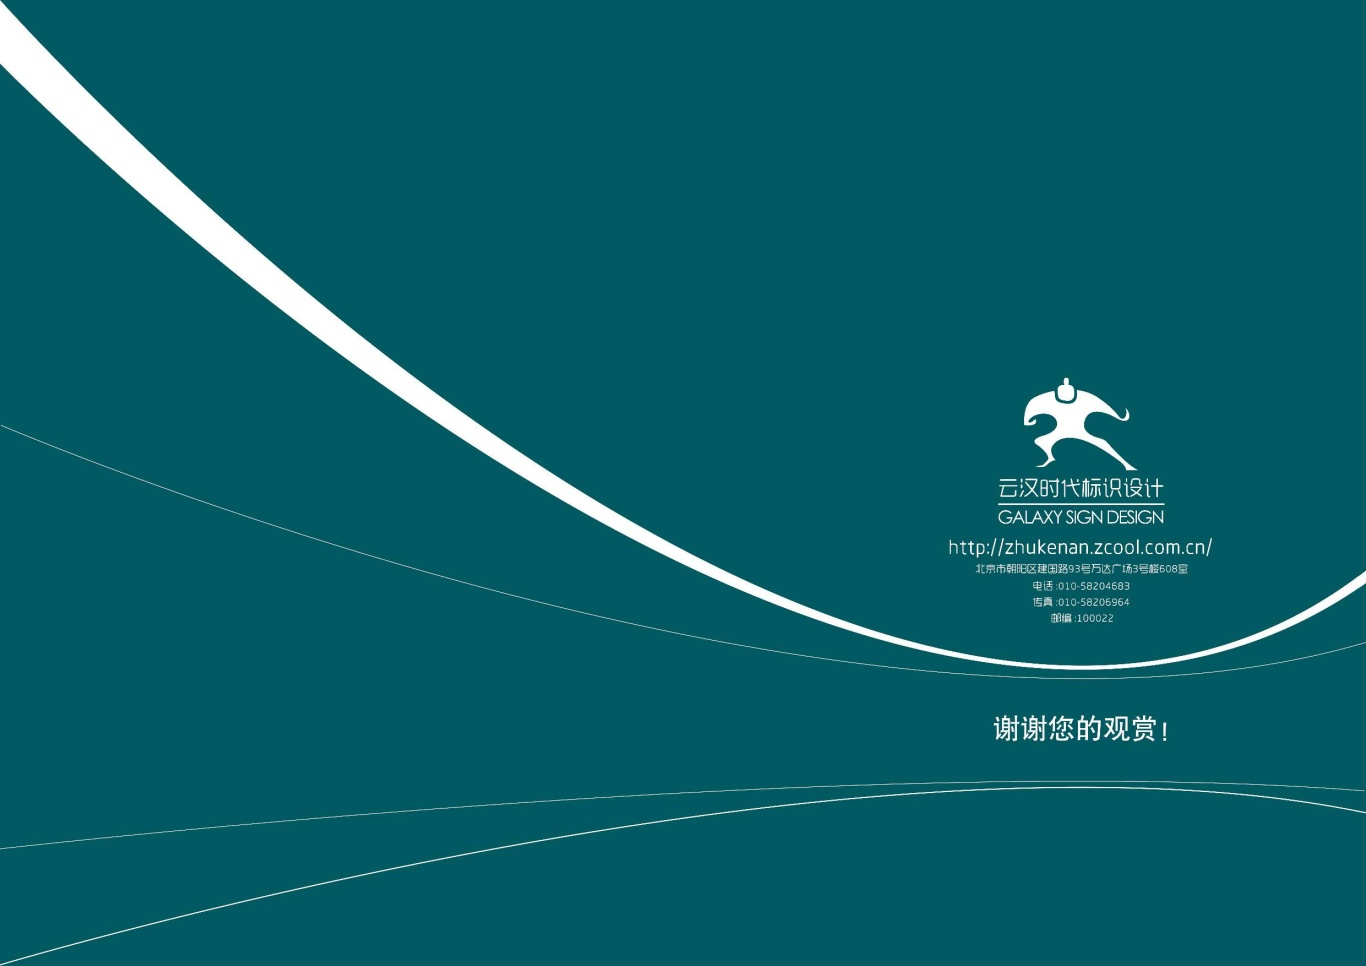 大连泰达慧谷开发区导视系统设计图41